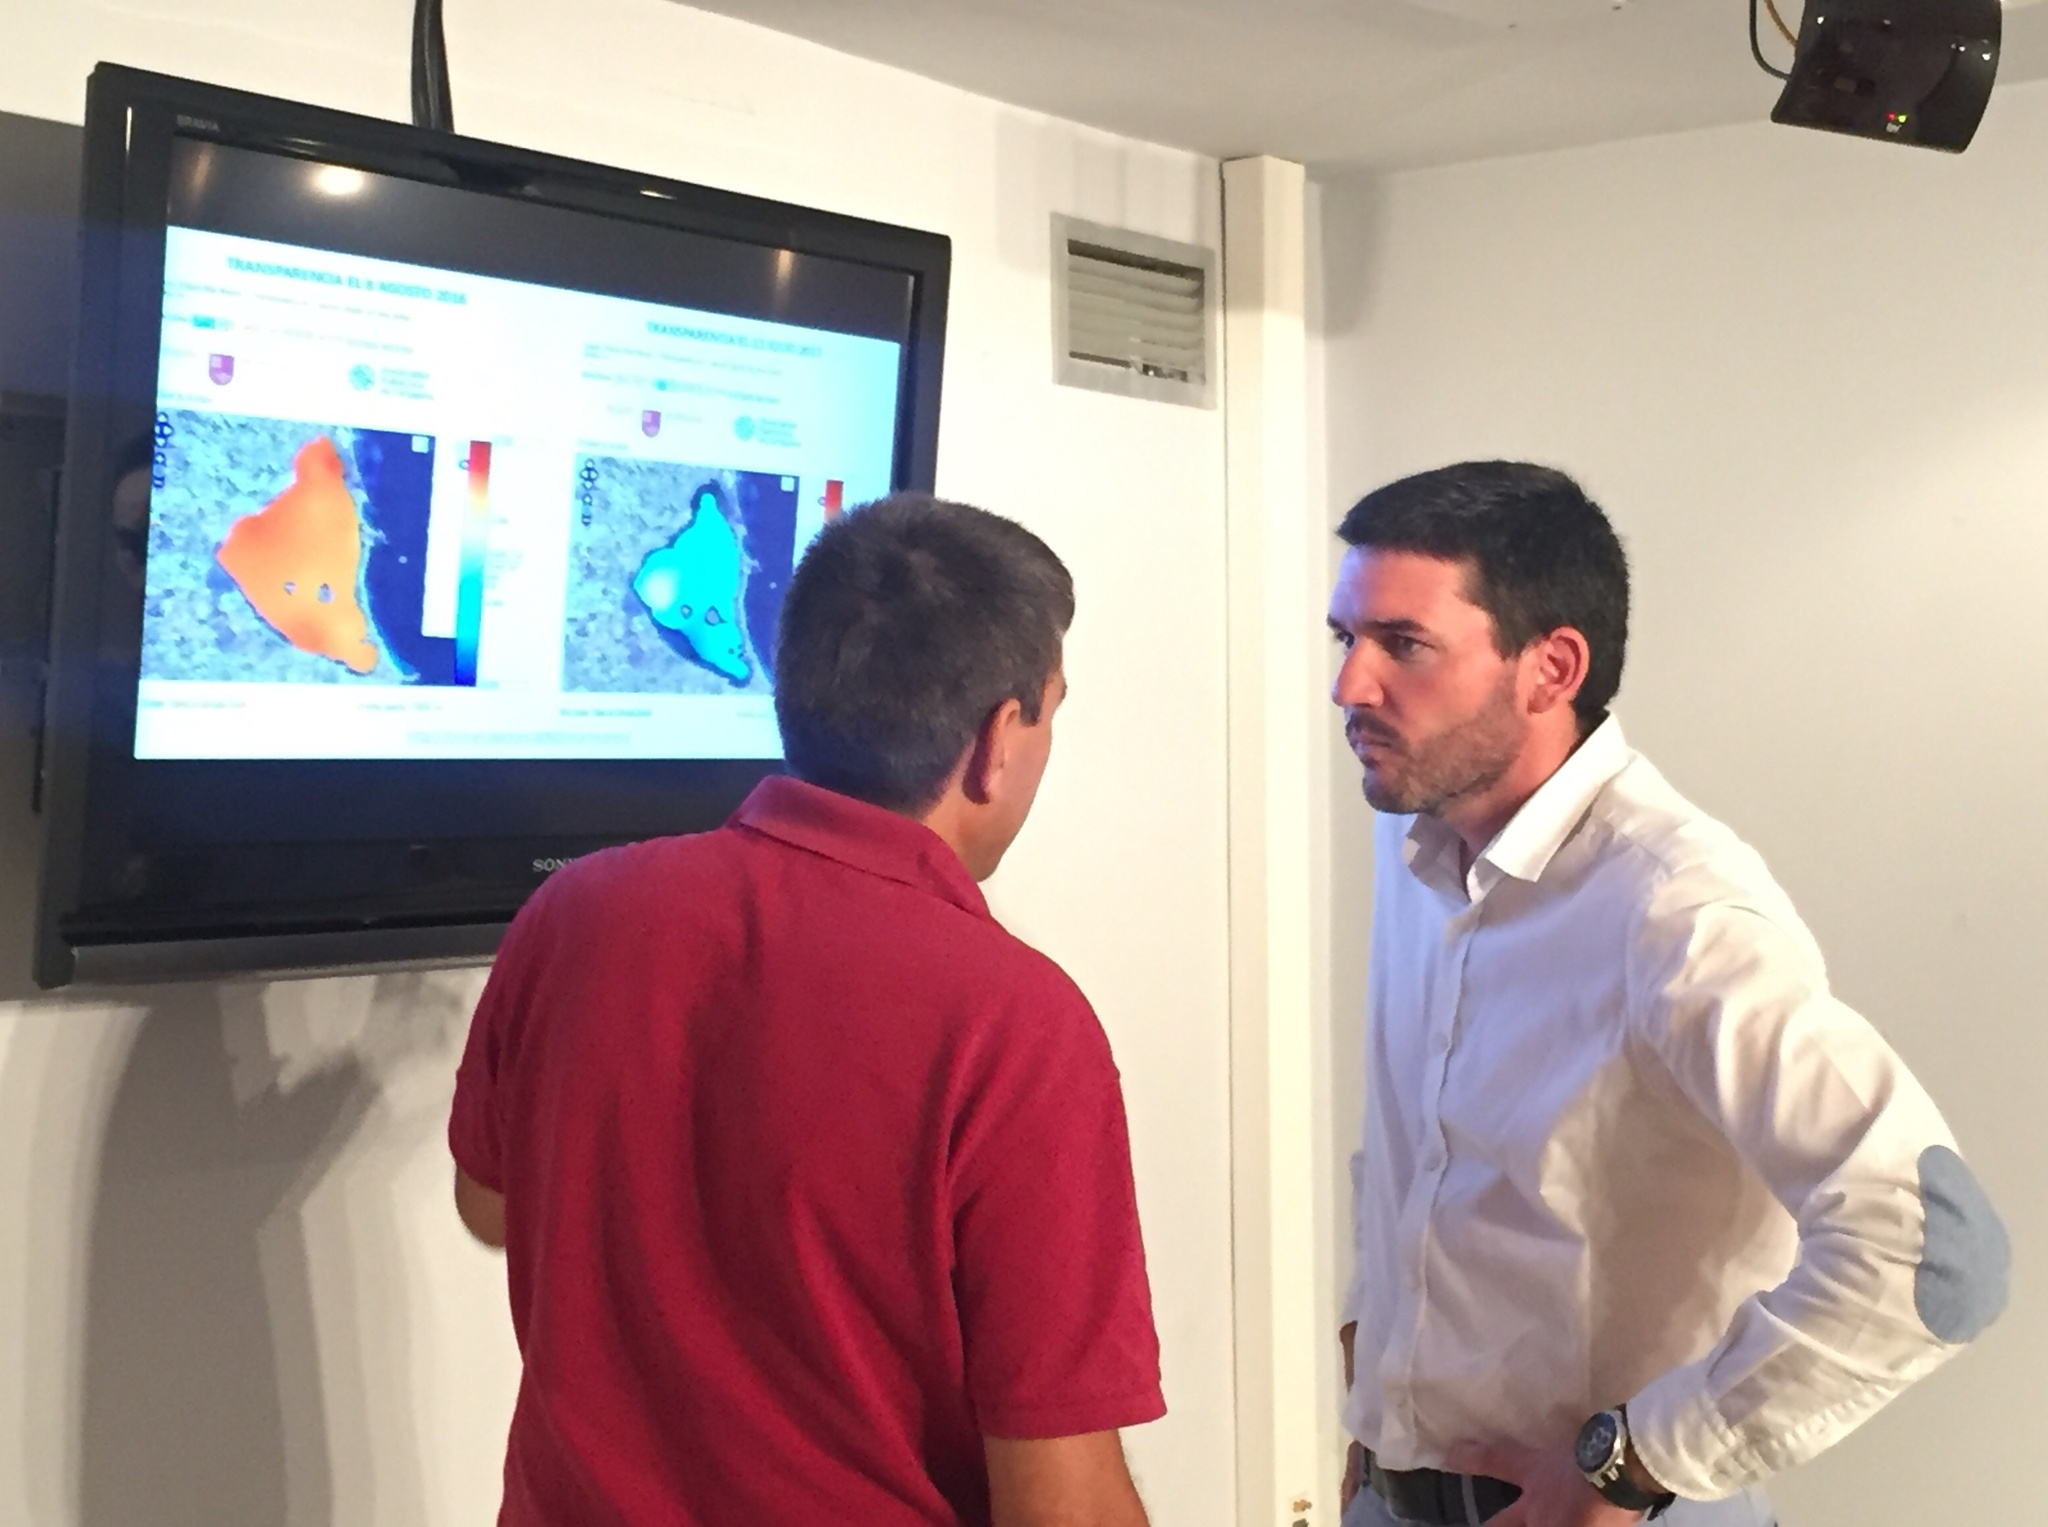 El director general del Mar Menor, Antonio Luengo, ha presentado el Servidor de Datos Científicos del Mar Menor. Imagen: CARM